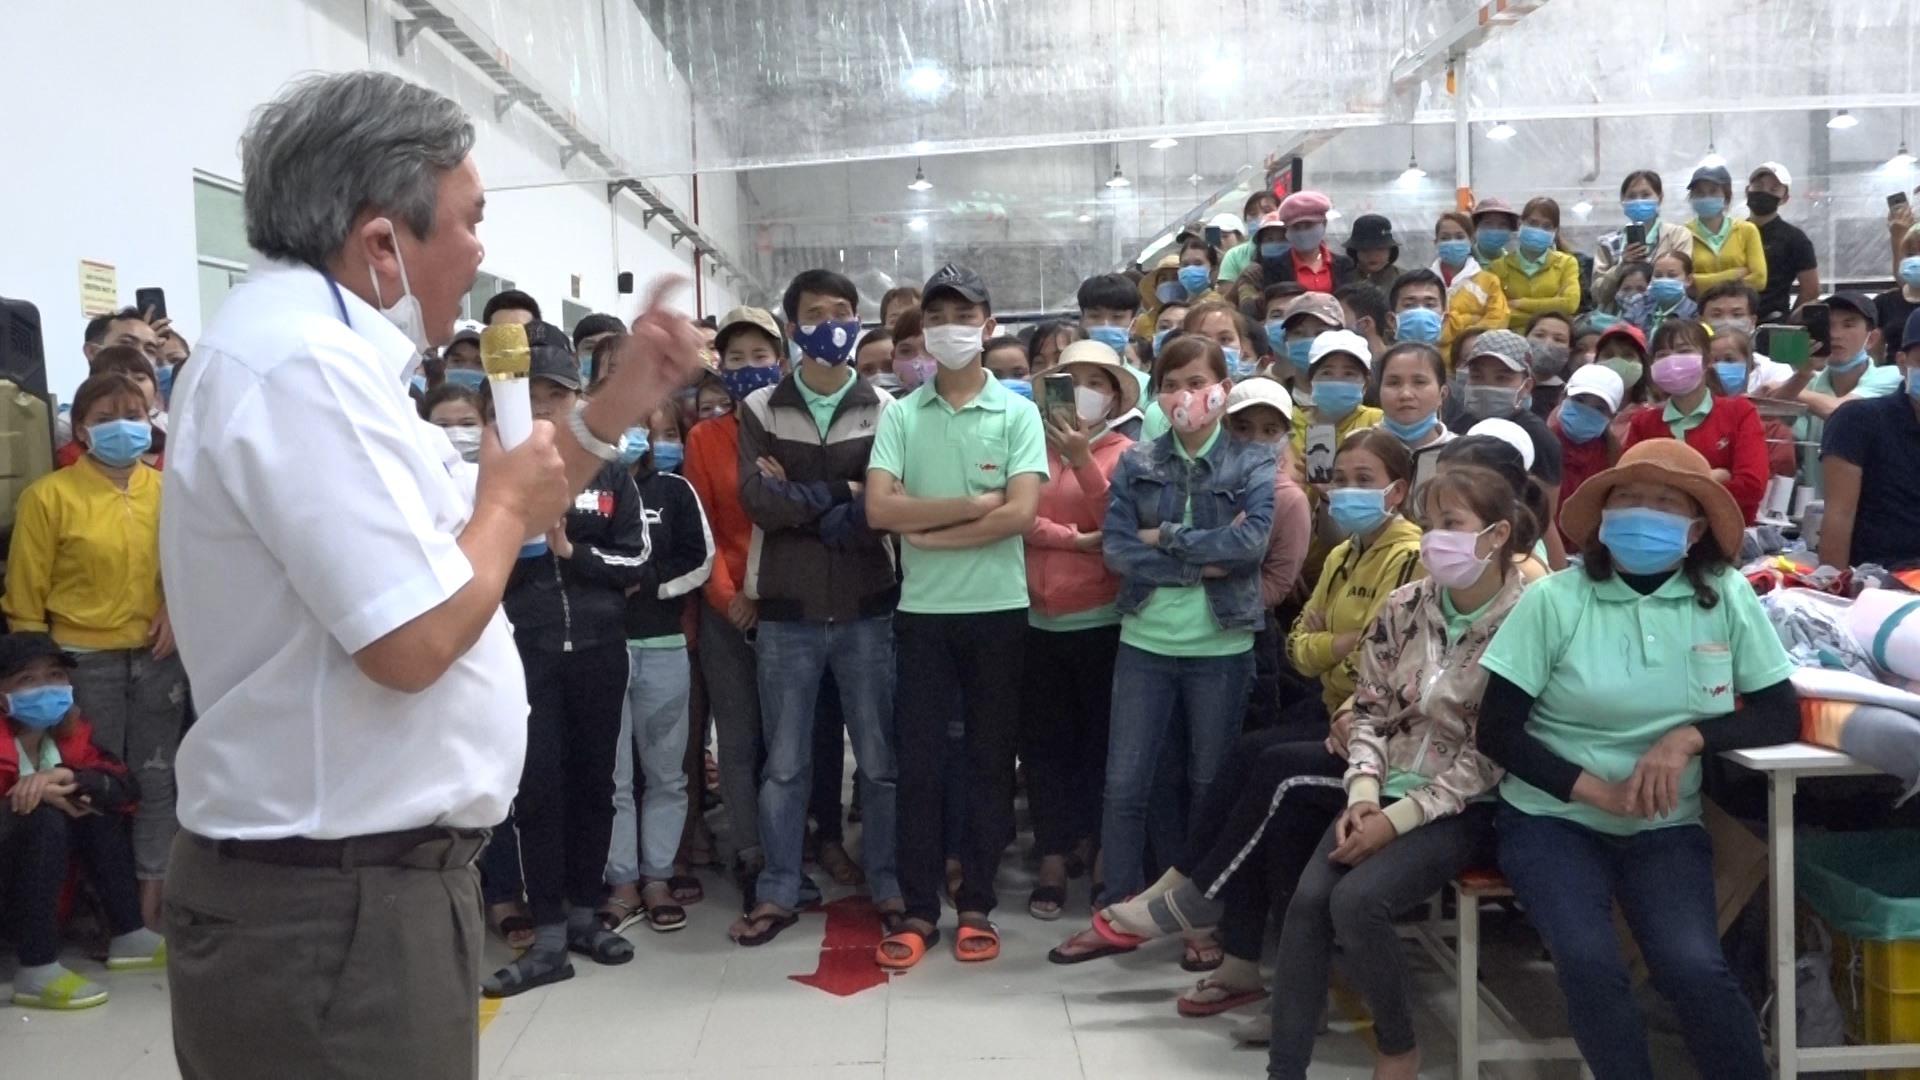 Các công nhân ở công ty TNHH Domex Quảng Nam được tuyên truyền về cách thức phòng chống dịch cúm do virus corona gây ra. Ảnh: G.BIÊN